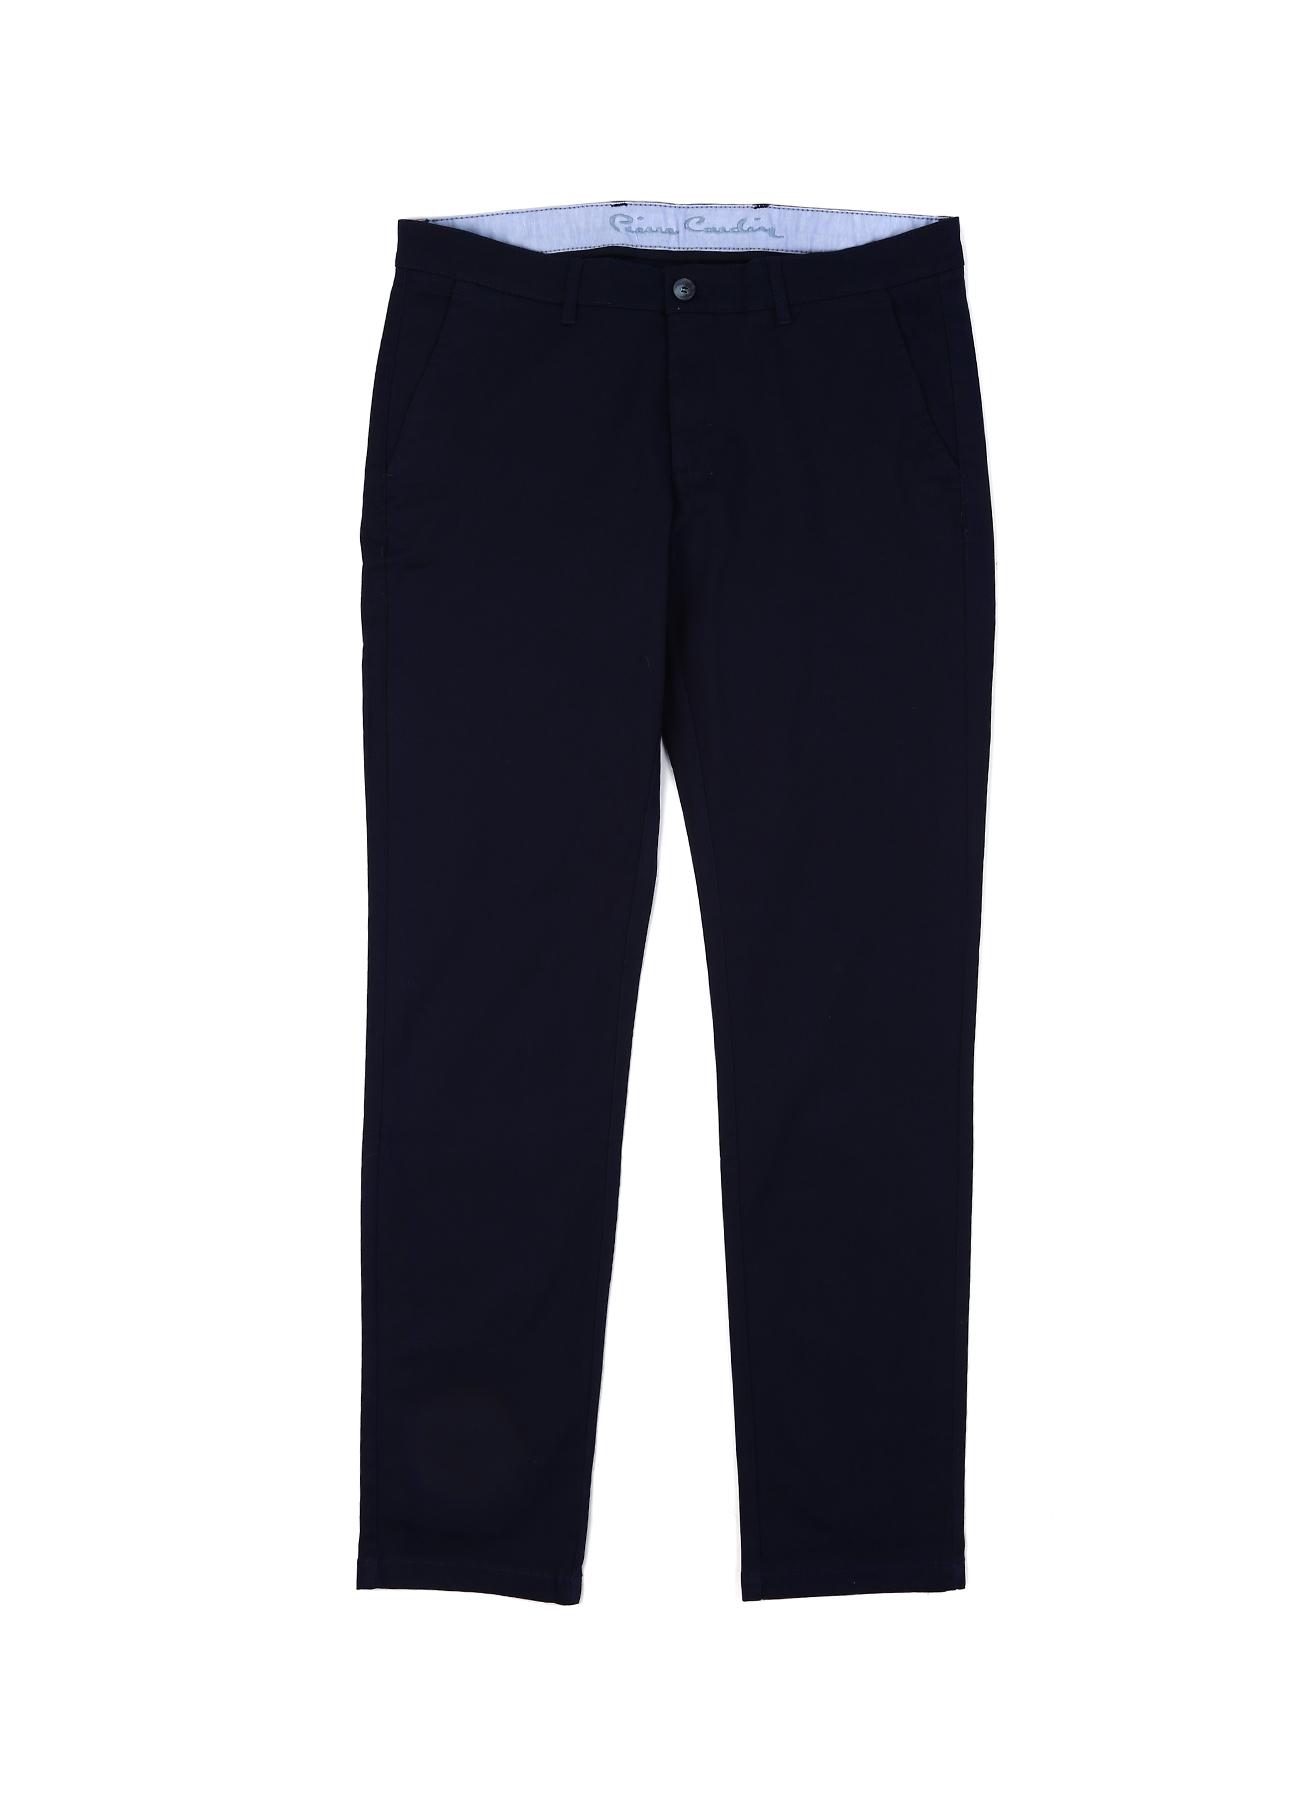 Pierre Cardin Klasik Pantolon 33 5001697835007 Ürün Resmi